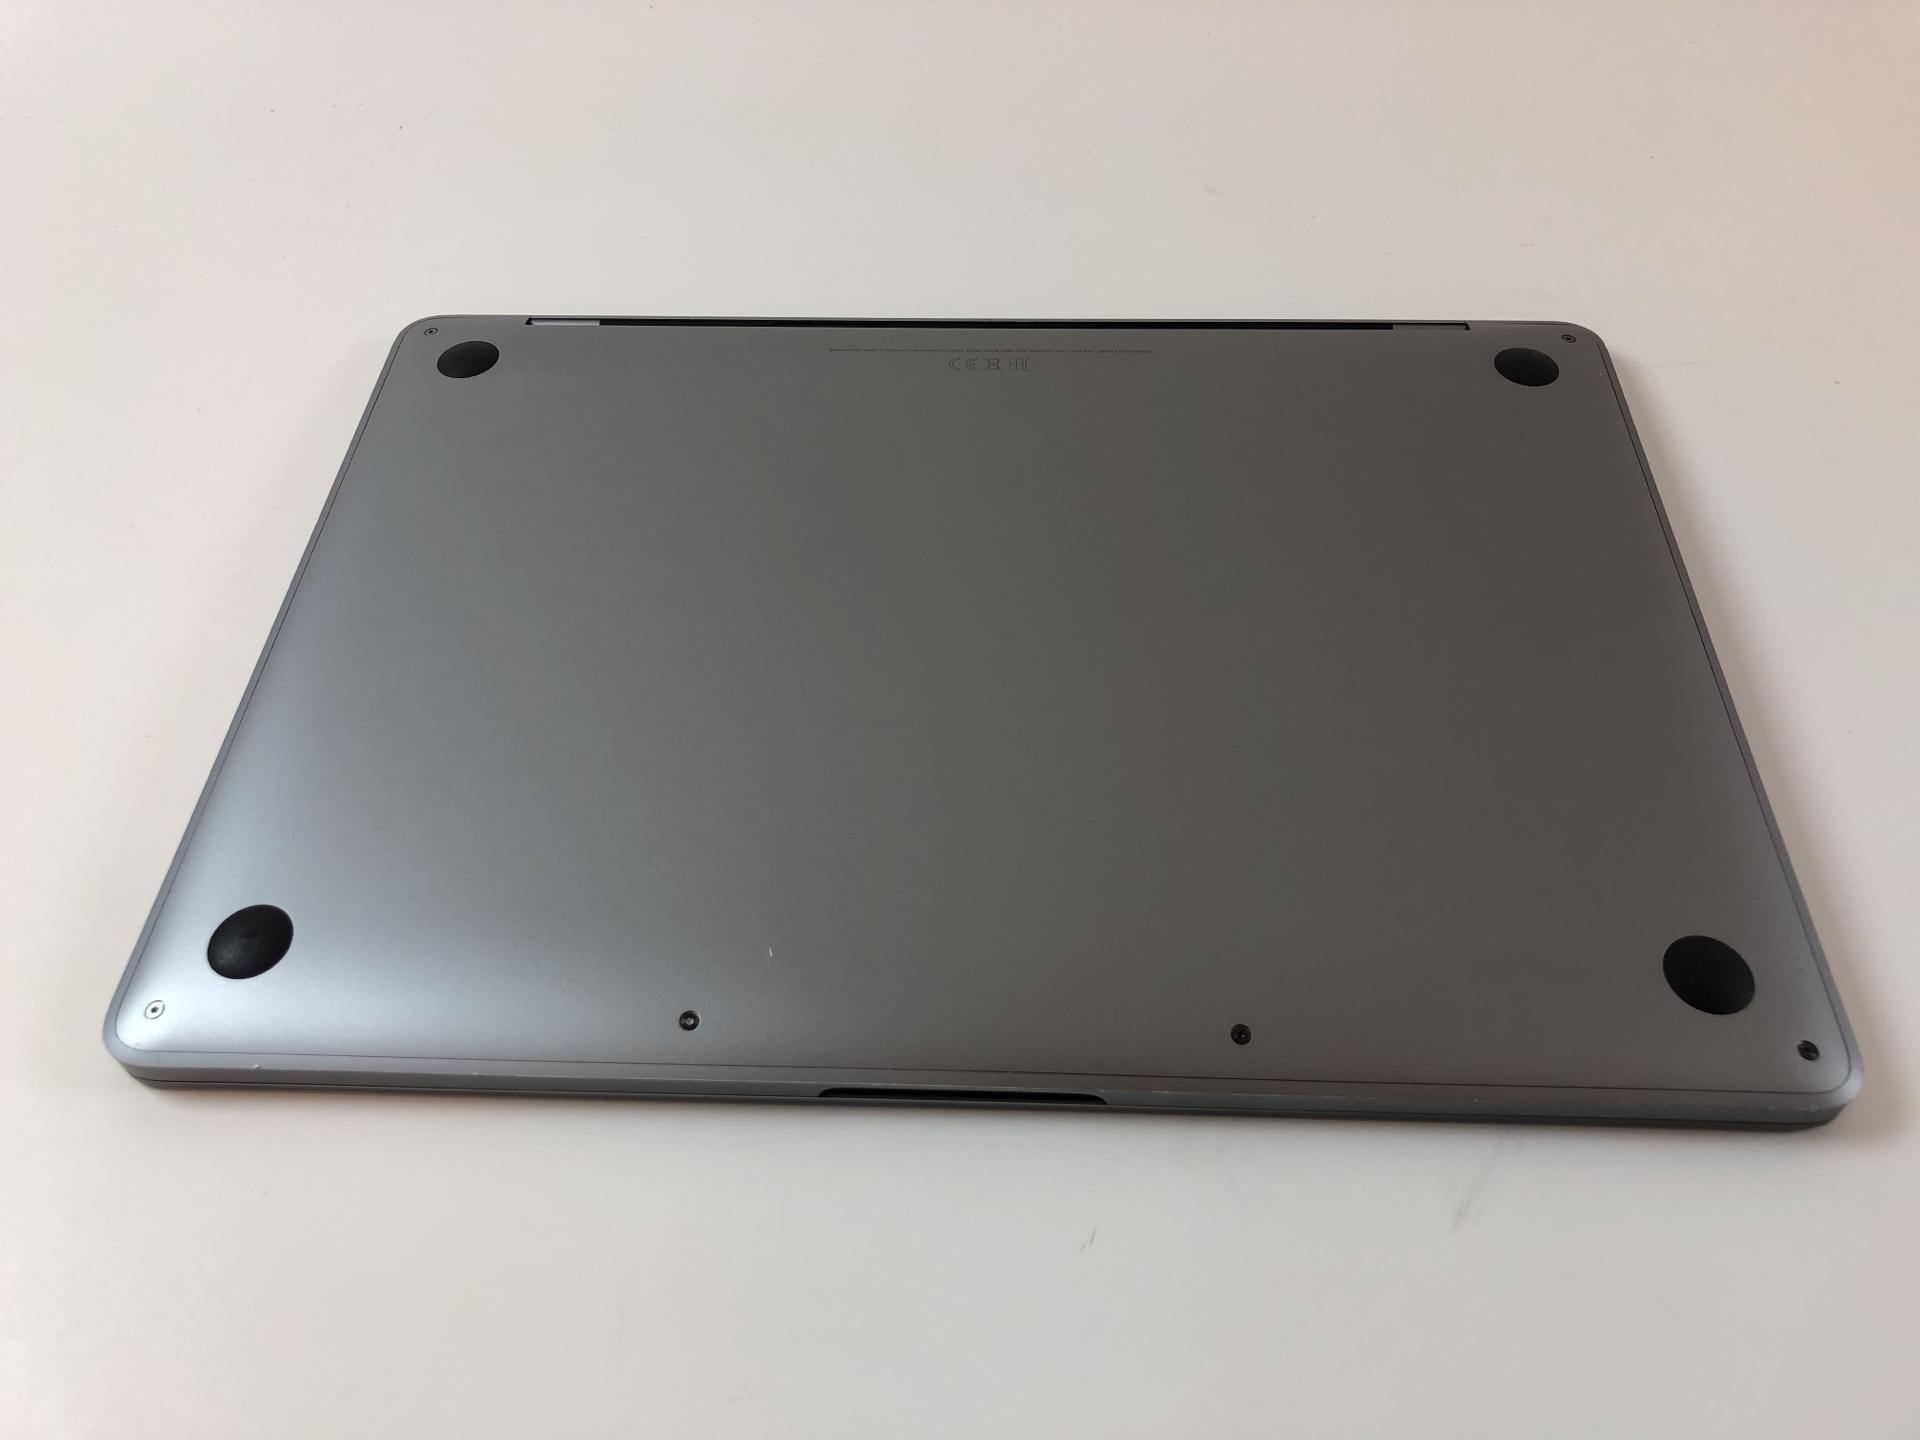 """MacBook Pro 13"""" 2TBT Mid 2017 (Intel Core i5 2.3 GHz 16 GB RAM 256 GB SSD), Space Gray, Intel Core i5 2.3 GHz, 16 GB RAM, 256 GB SSD, bild 3"""